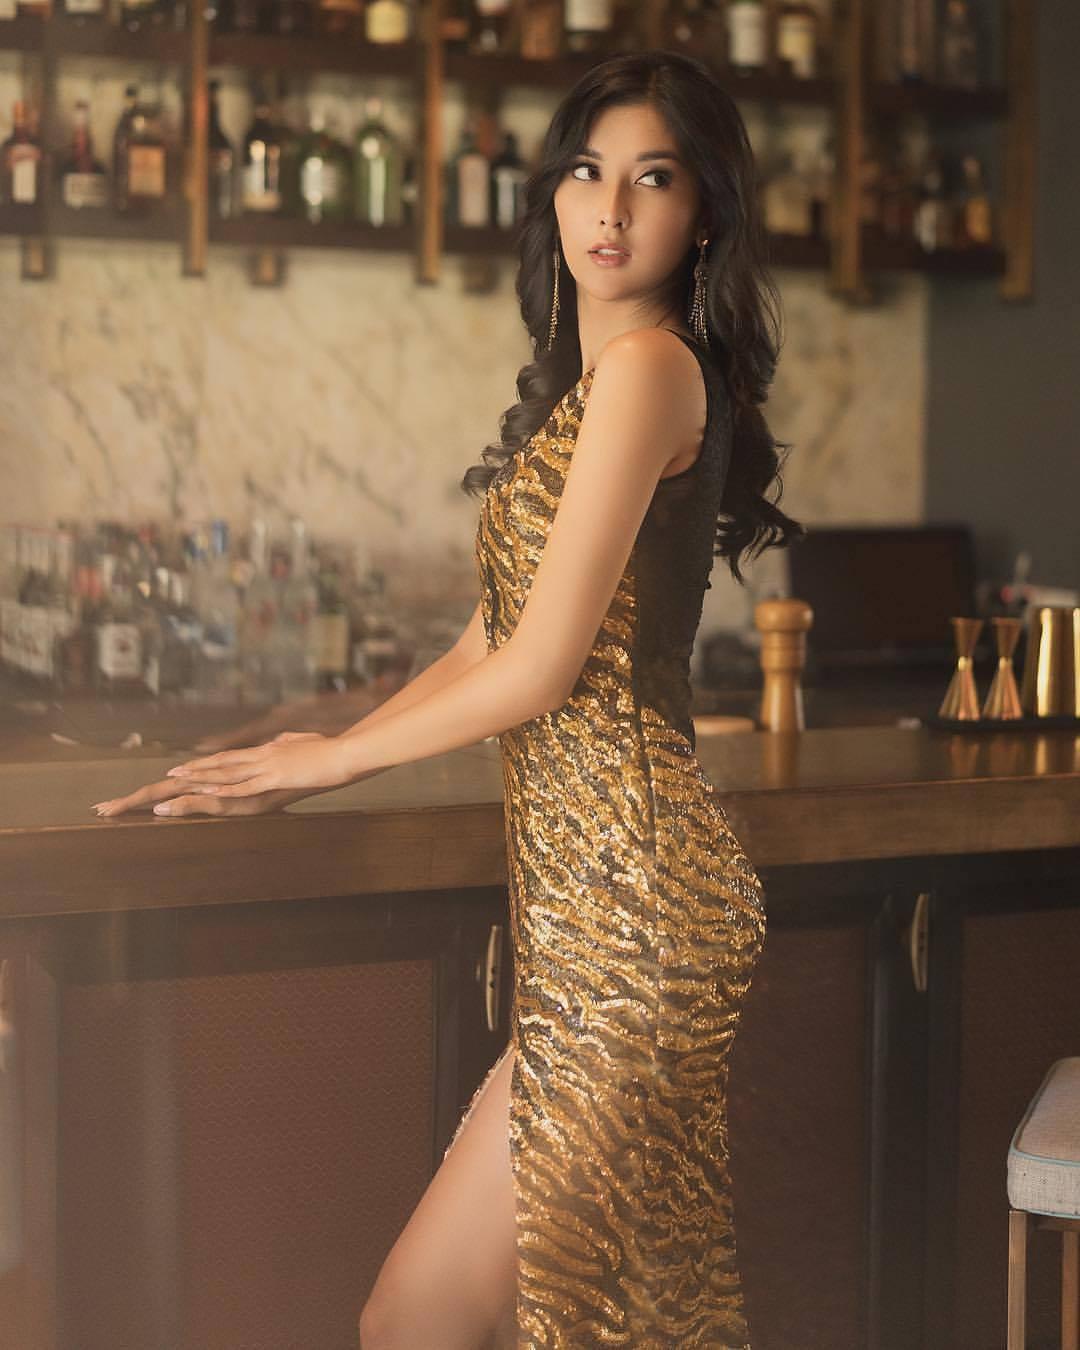 Nhan sắc xinh đẹp của đại diện Indonesia, cô gái đánh bại hơn 70 đối thủ đăng quang Miss International 2017 - Ảnh 11.